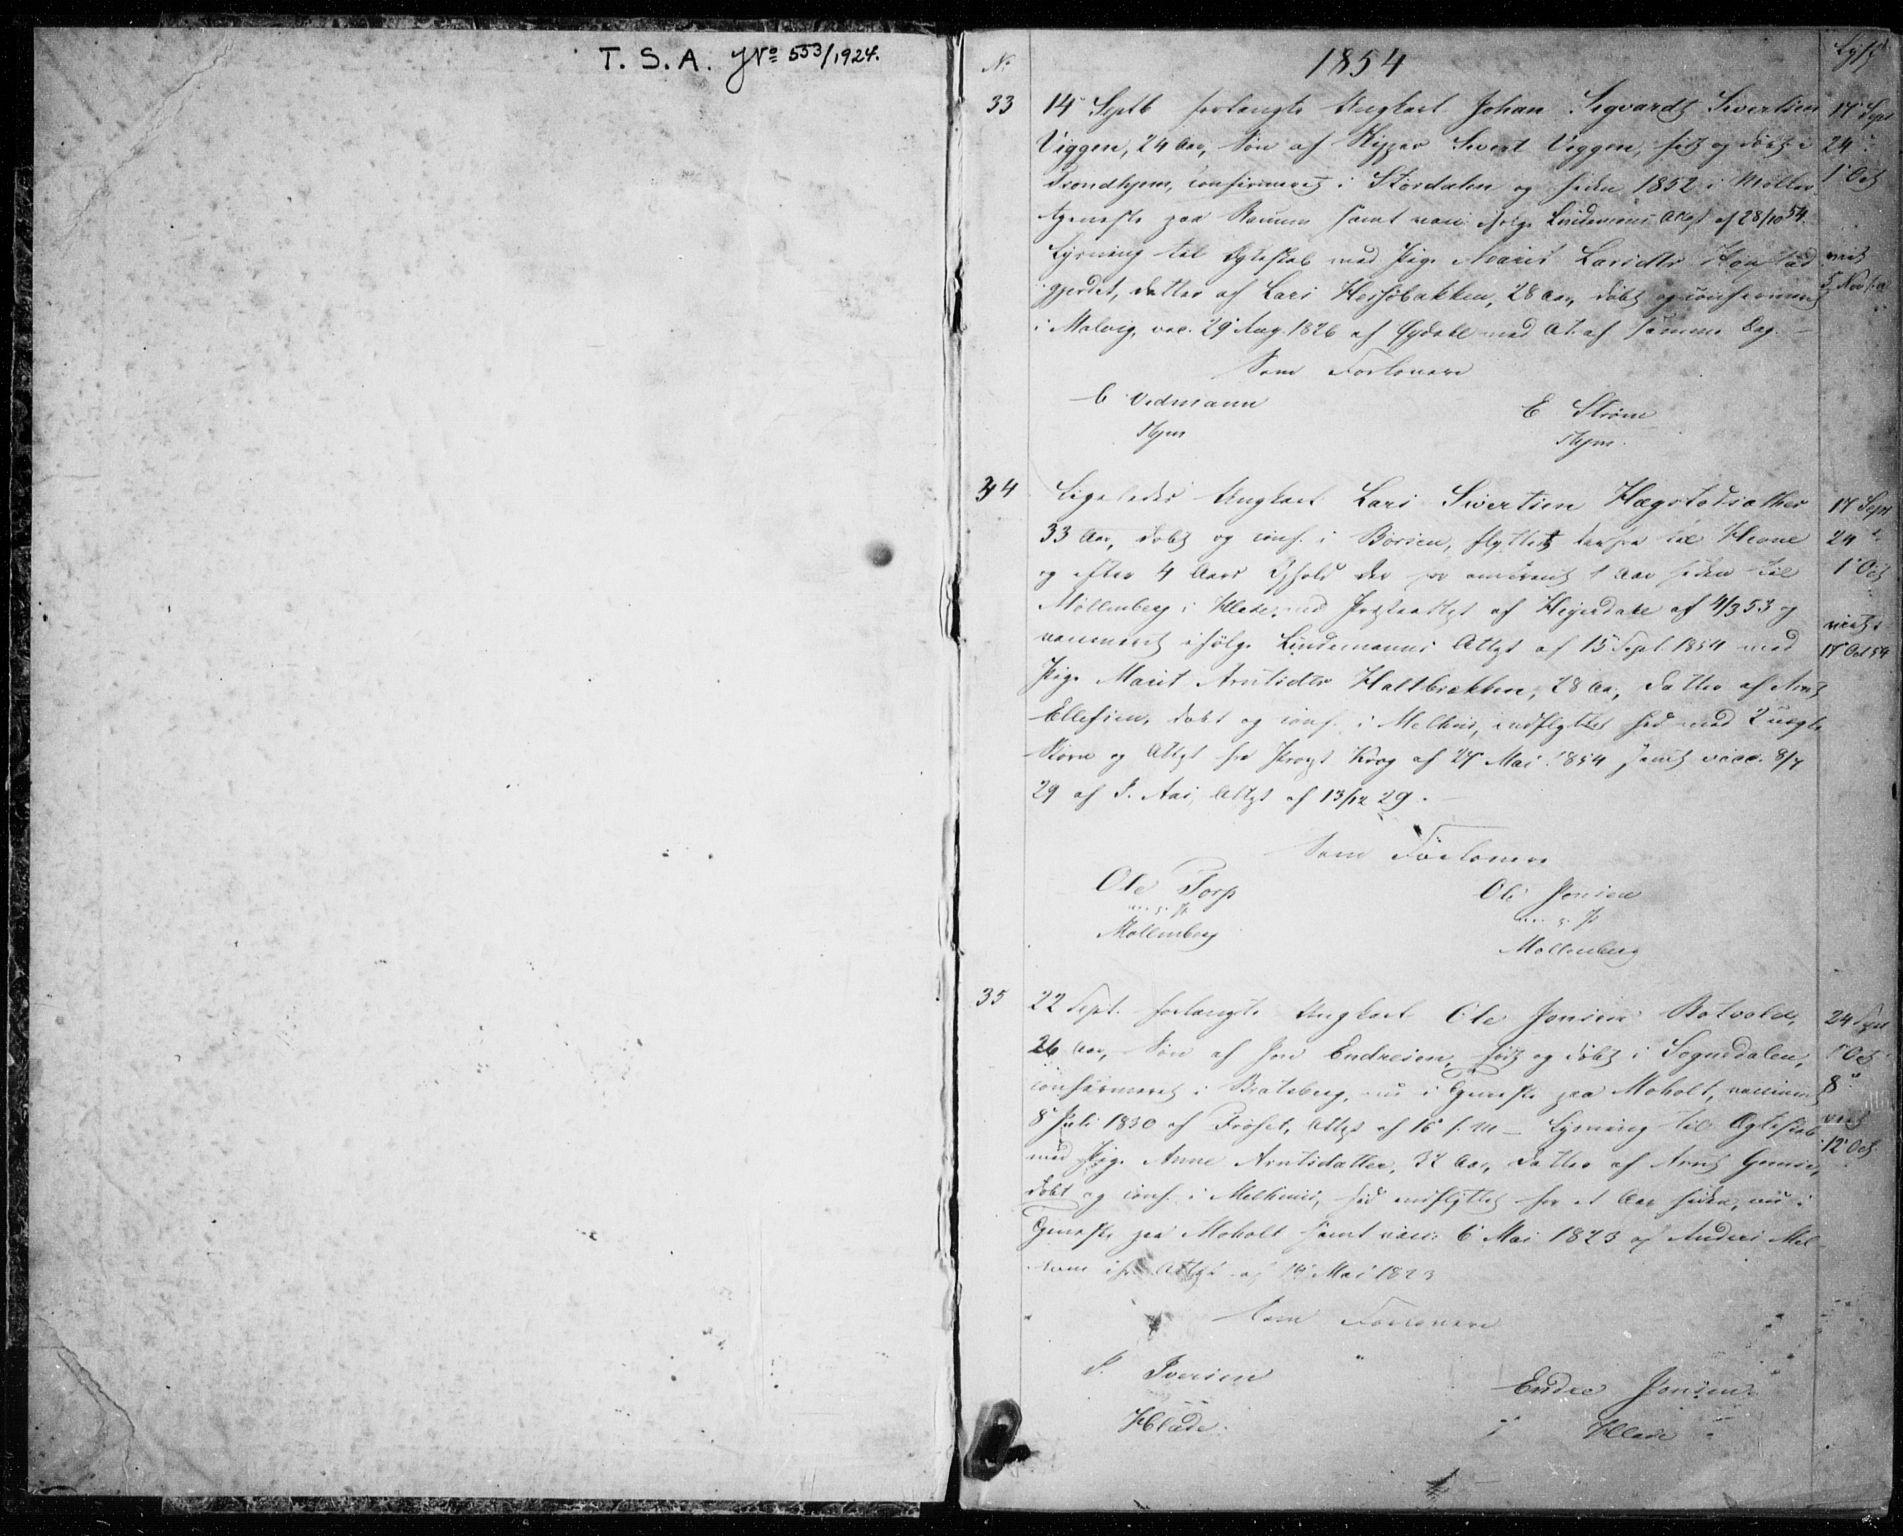 SAT, Ministerialprotokoller, klokkerbøker og fødselsregistre - Sør-Trøndelag, 606/L0297: Lysningsprotokoll nr. 606A12, 1854-1861, s. 1